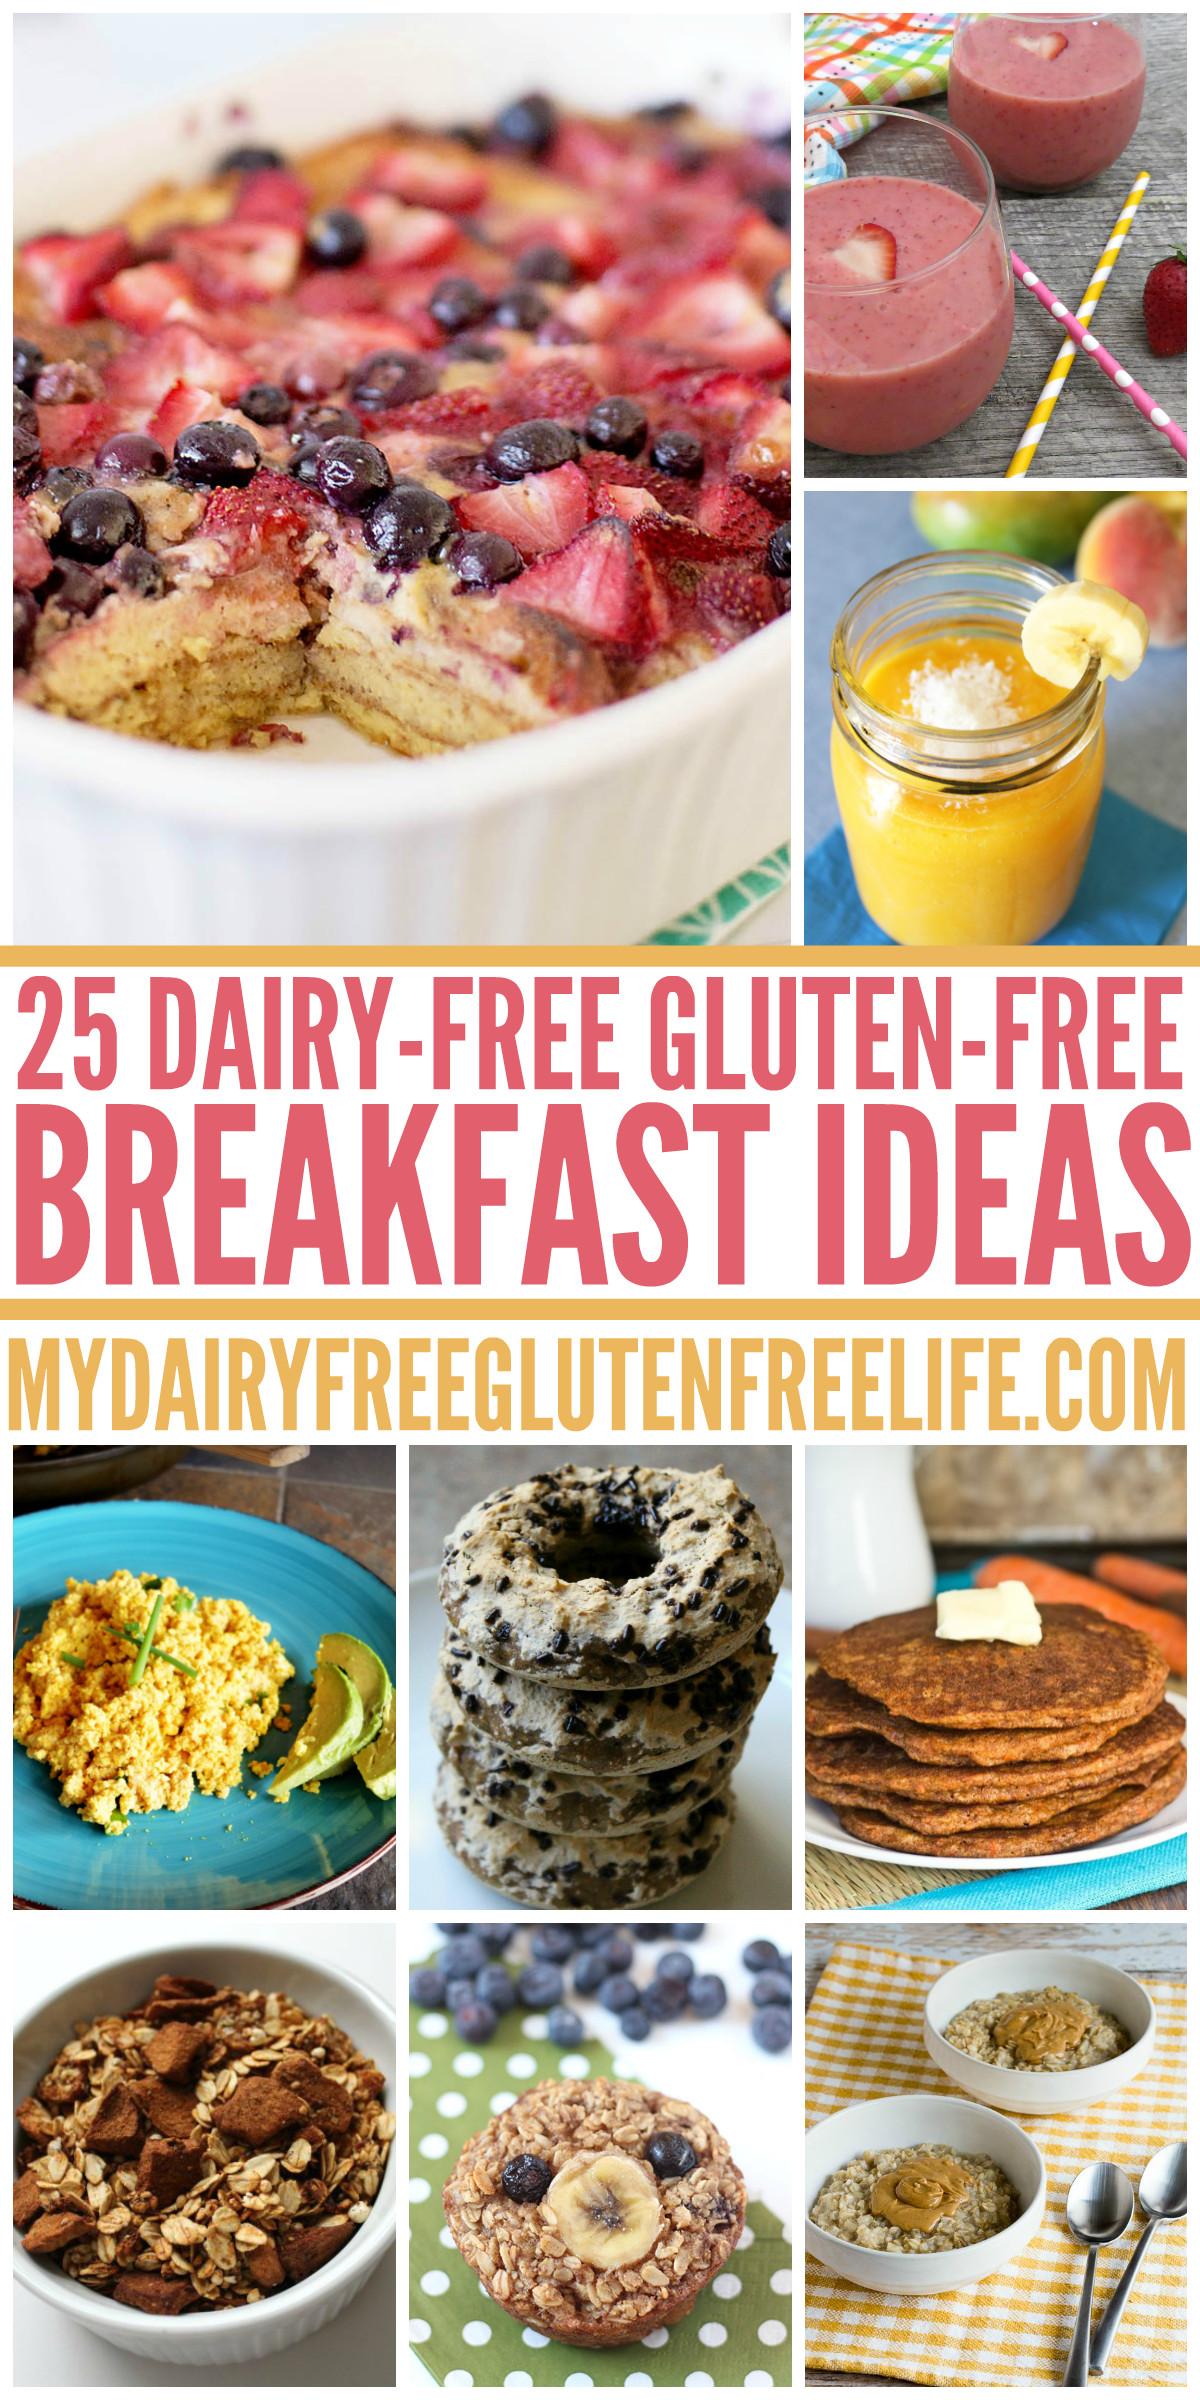 Dairy Free Brunch Recipes  25 Dairy Free Gluten Free Breakfast Ideas My DairyFree